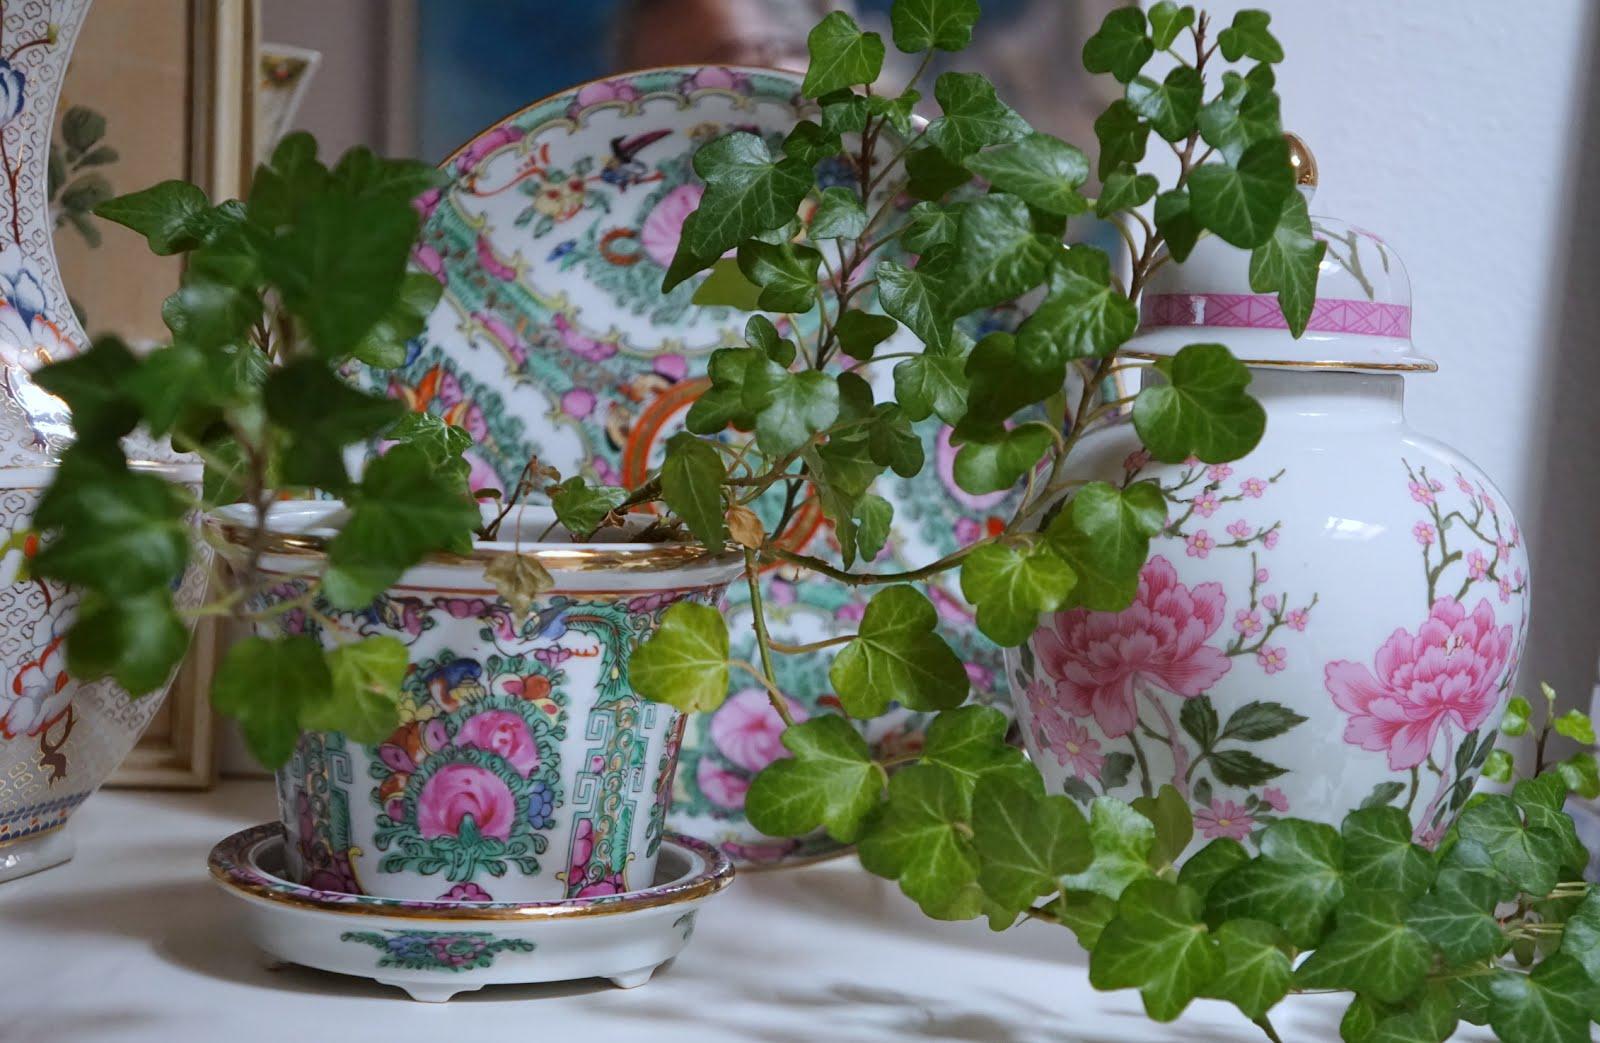 Efeupflanze und Flohmarktschätze